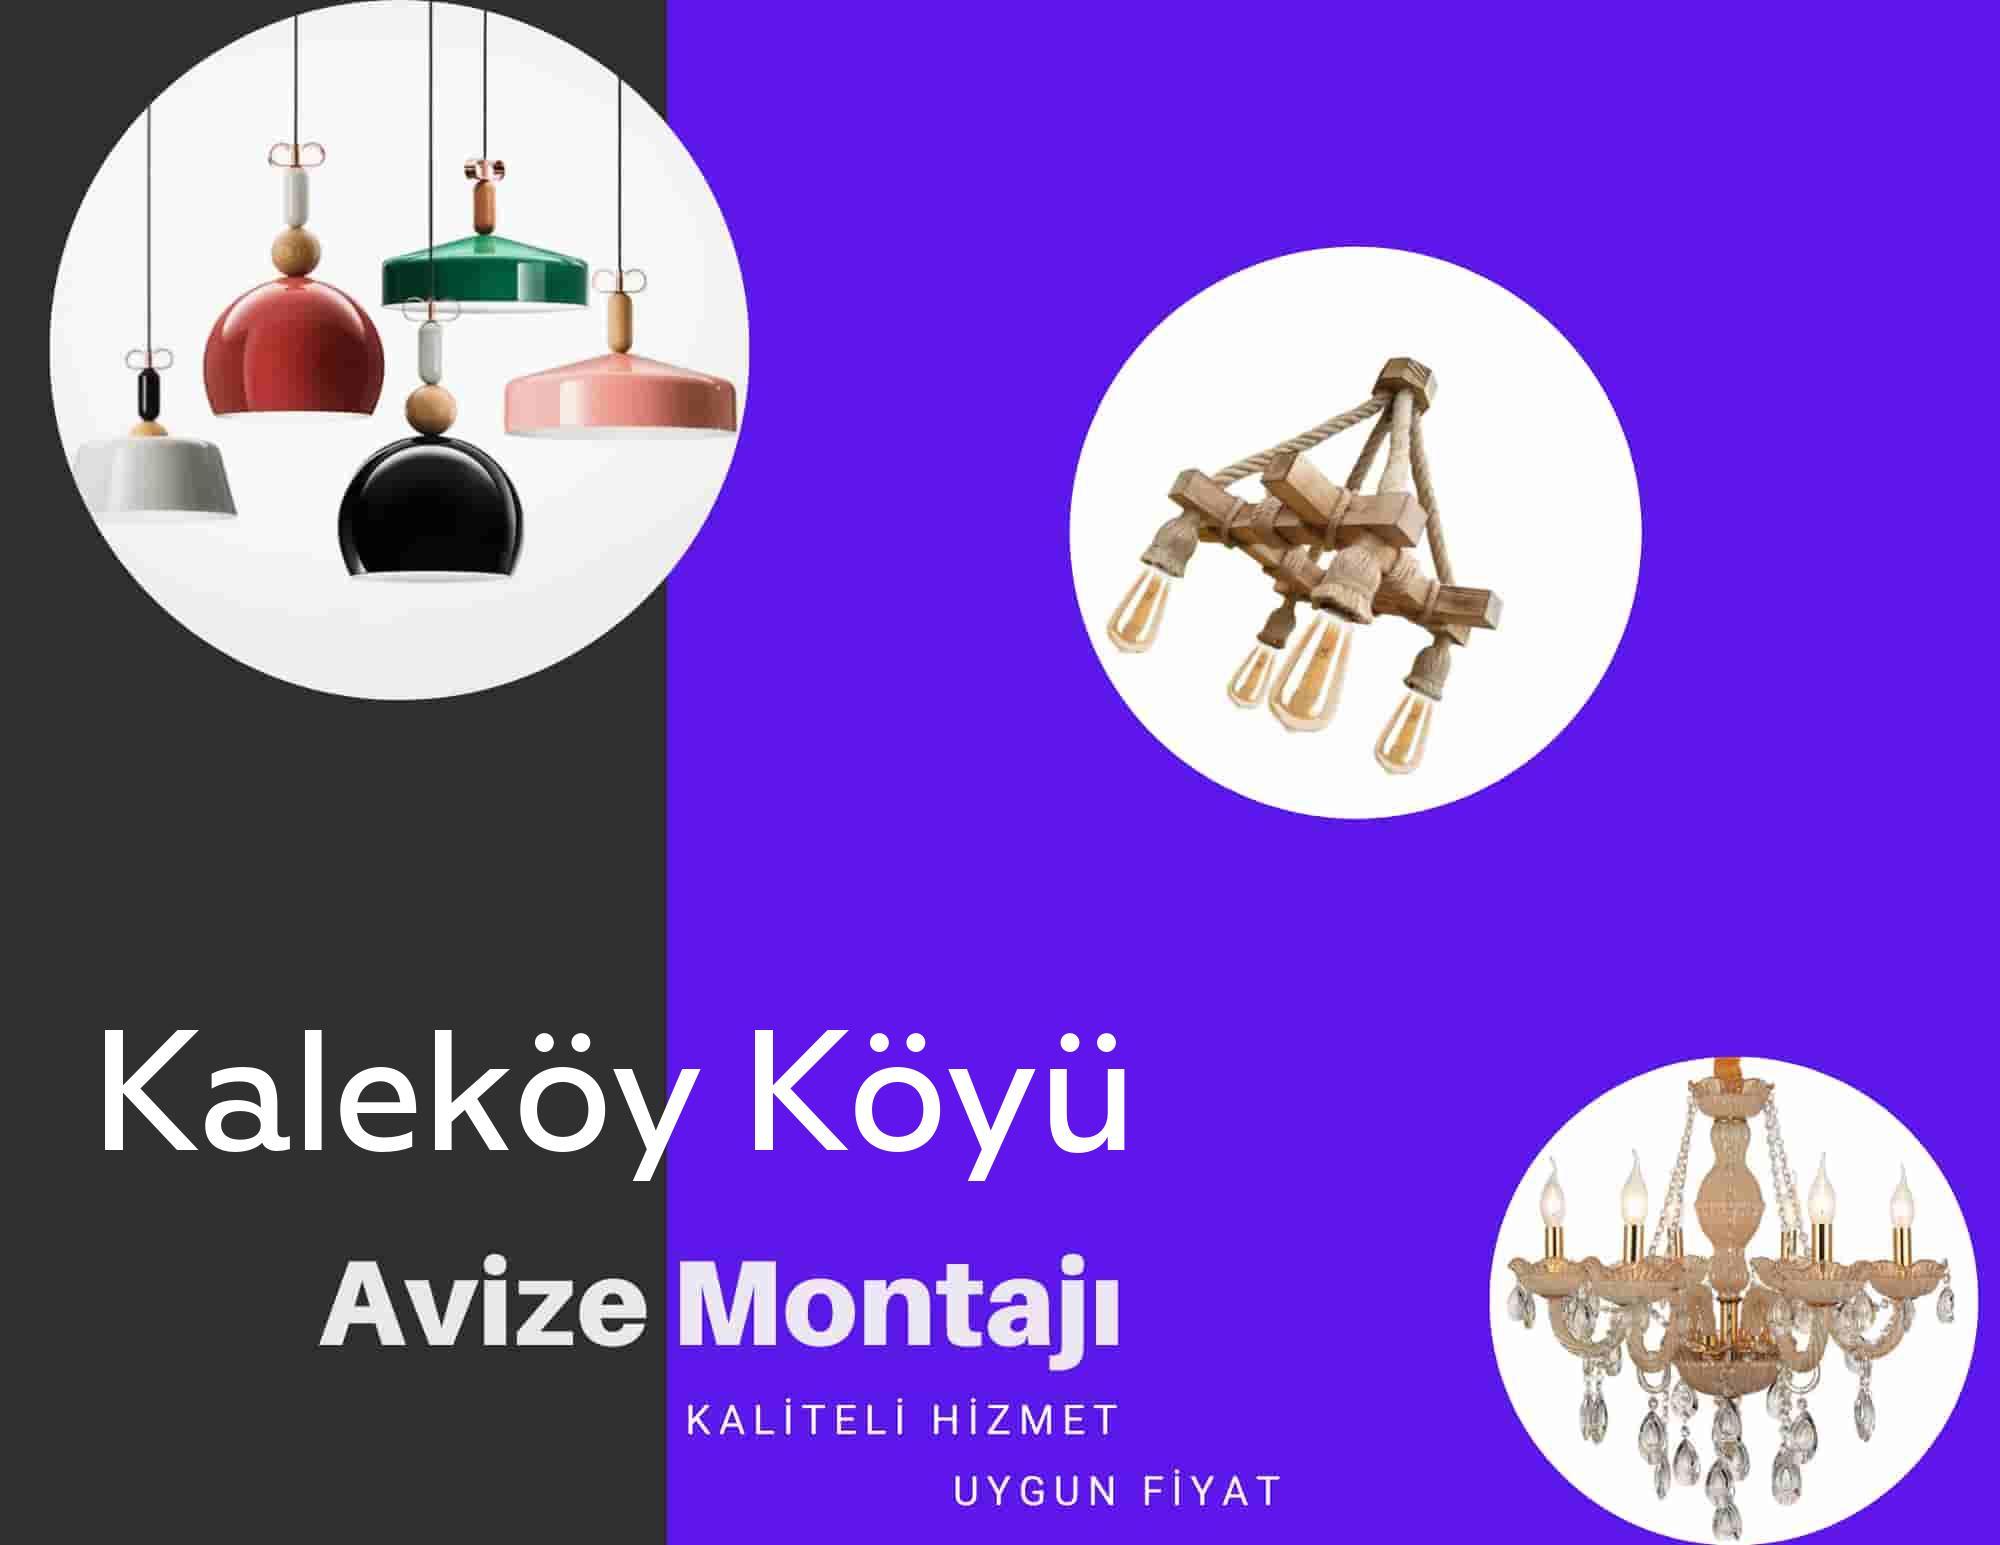 Kaleköy Köyüde avize montajı yapan yerler arıyorsanız elektrikcicagir anında size profesyonel avize montajı ustasını yönlendirir.